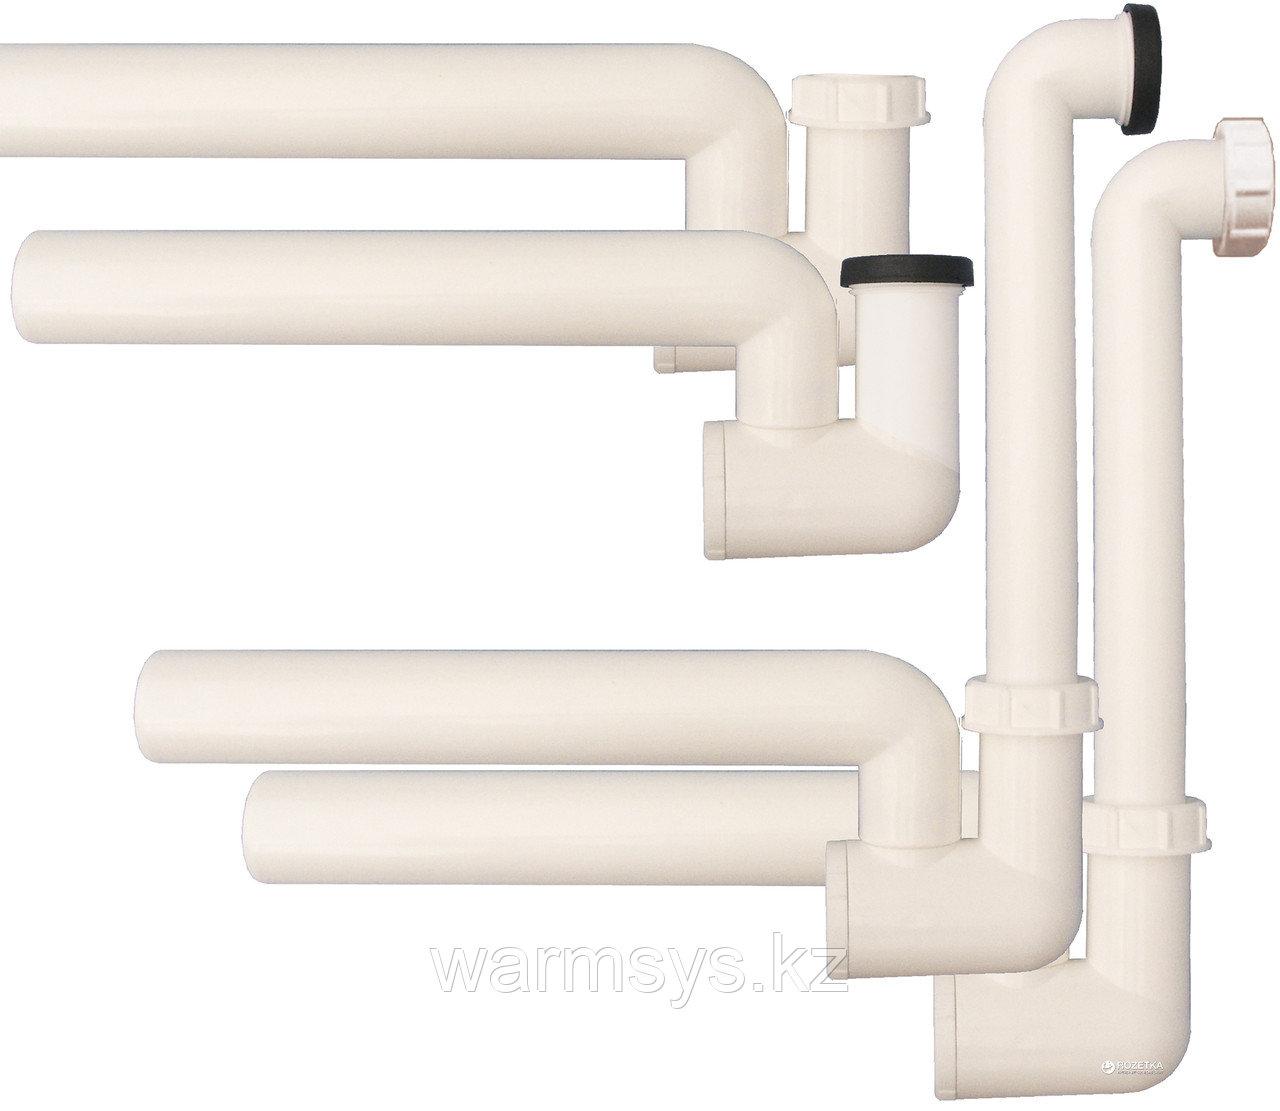 Сифон для кондиционеров с гидрозатвором и запахозапирающим устройством HL136N